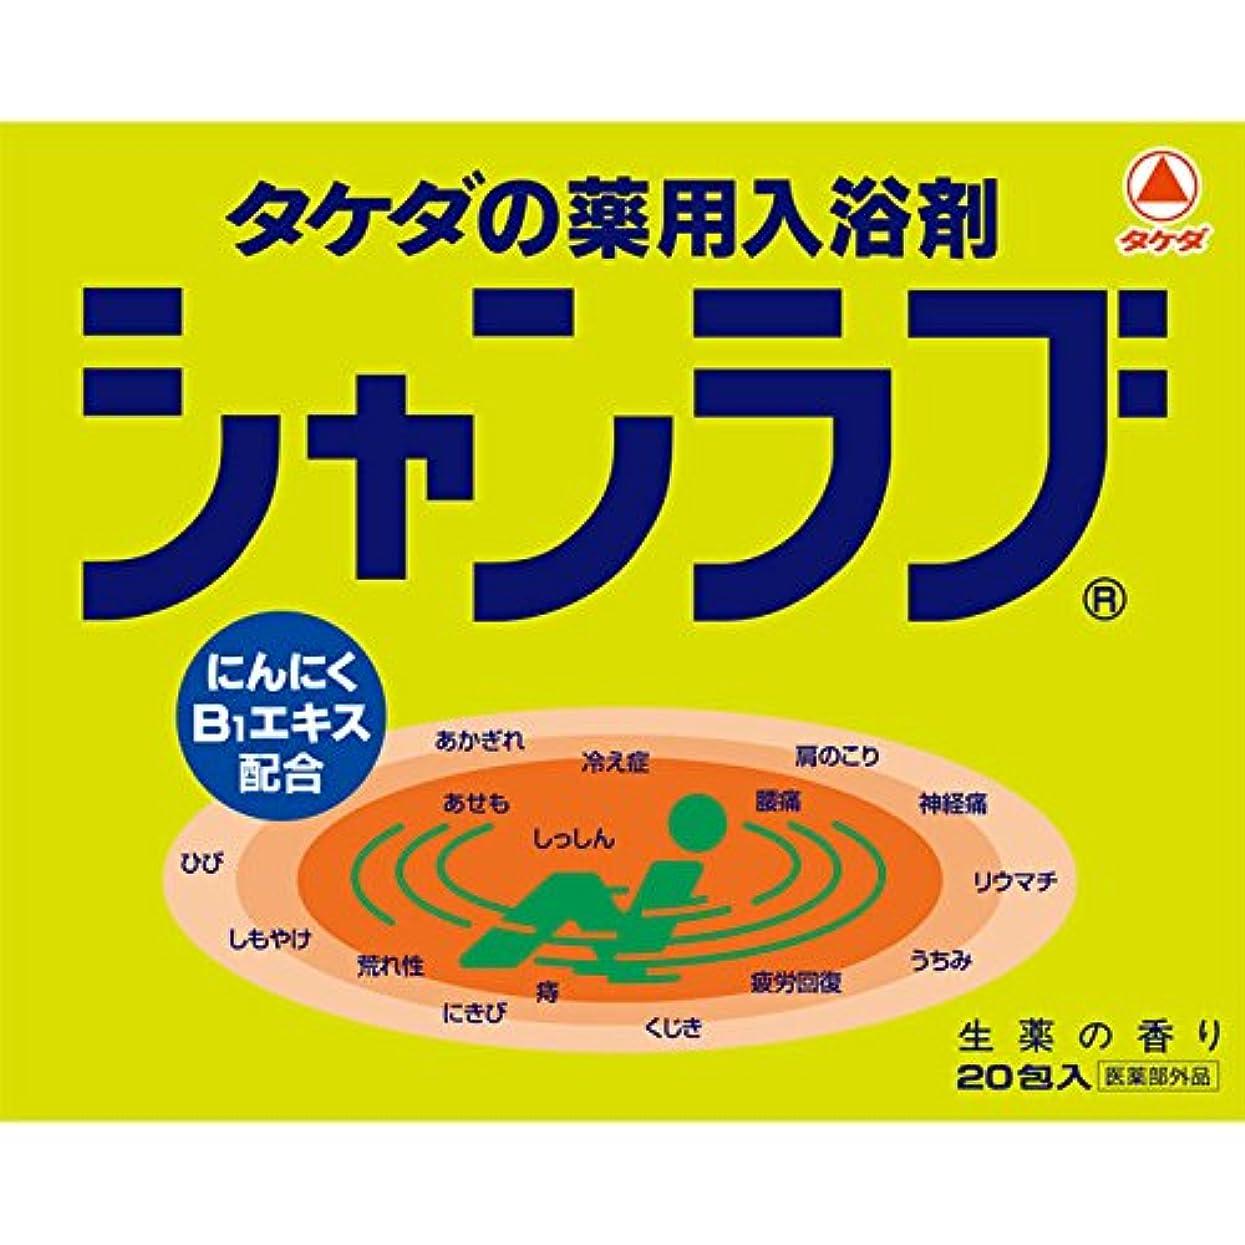 分副不規則な武田薬品工業 シャンラブ 20包(医薬部外品)